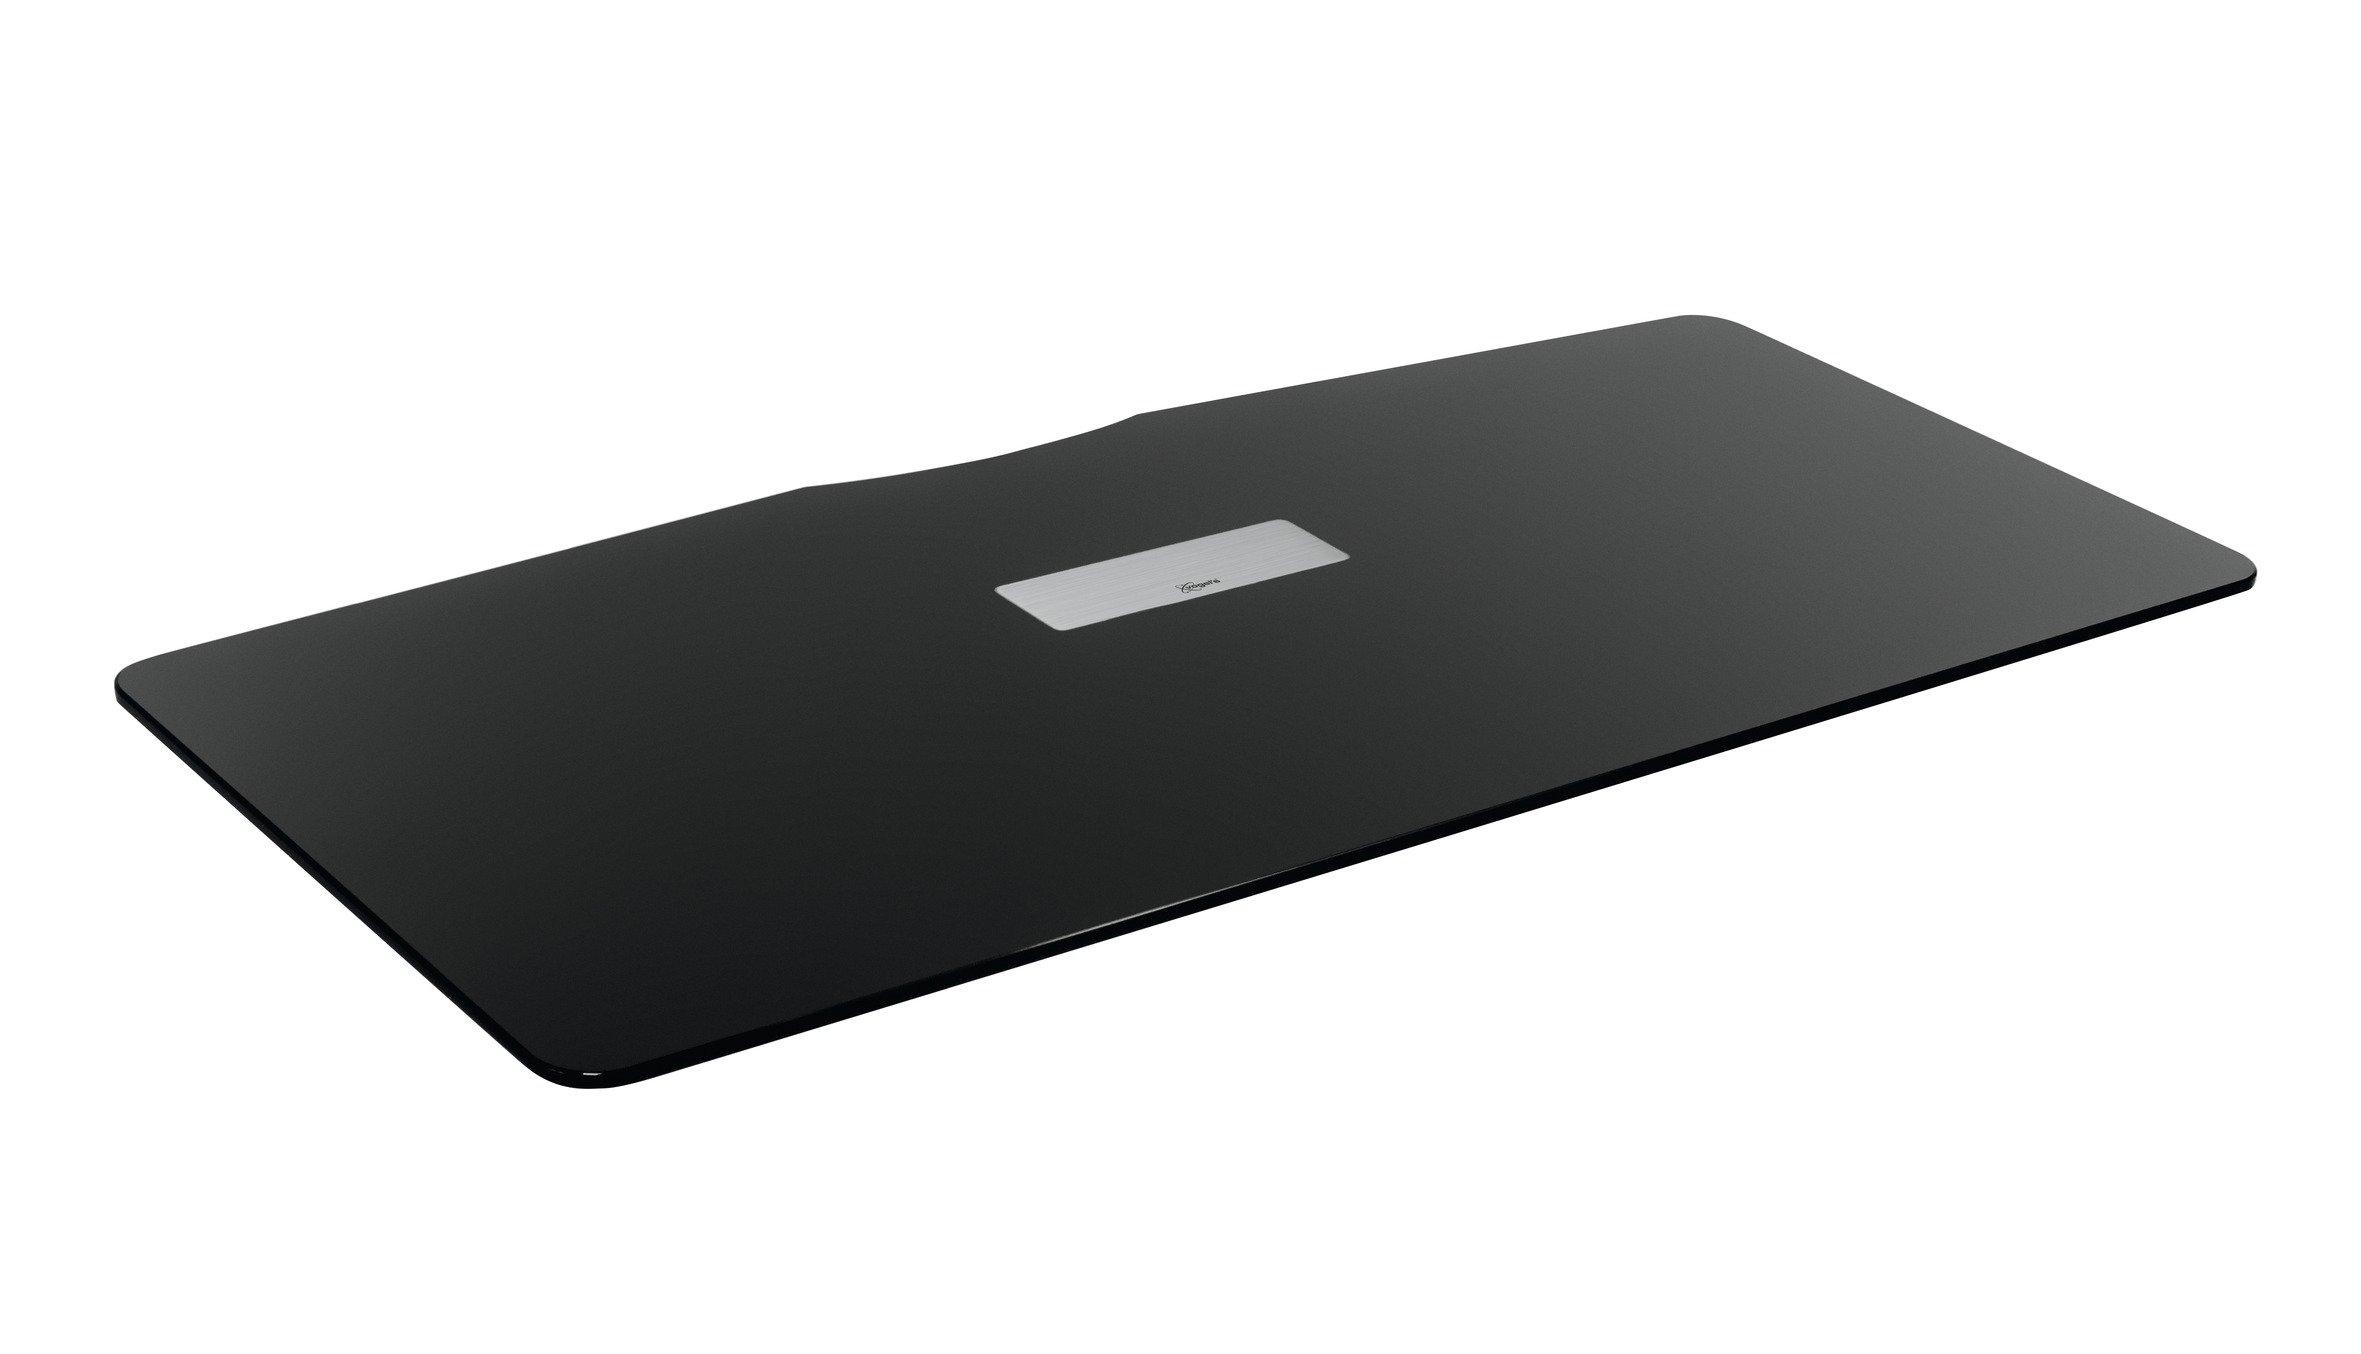 Vogel's Universal AV Support for TV Wall Mount - NEXT 7825, Black by Vogel's